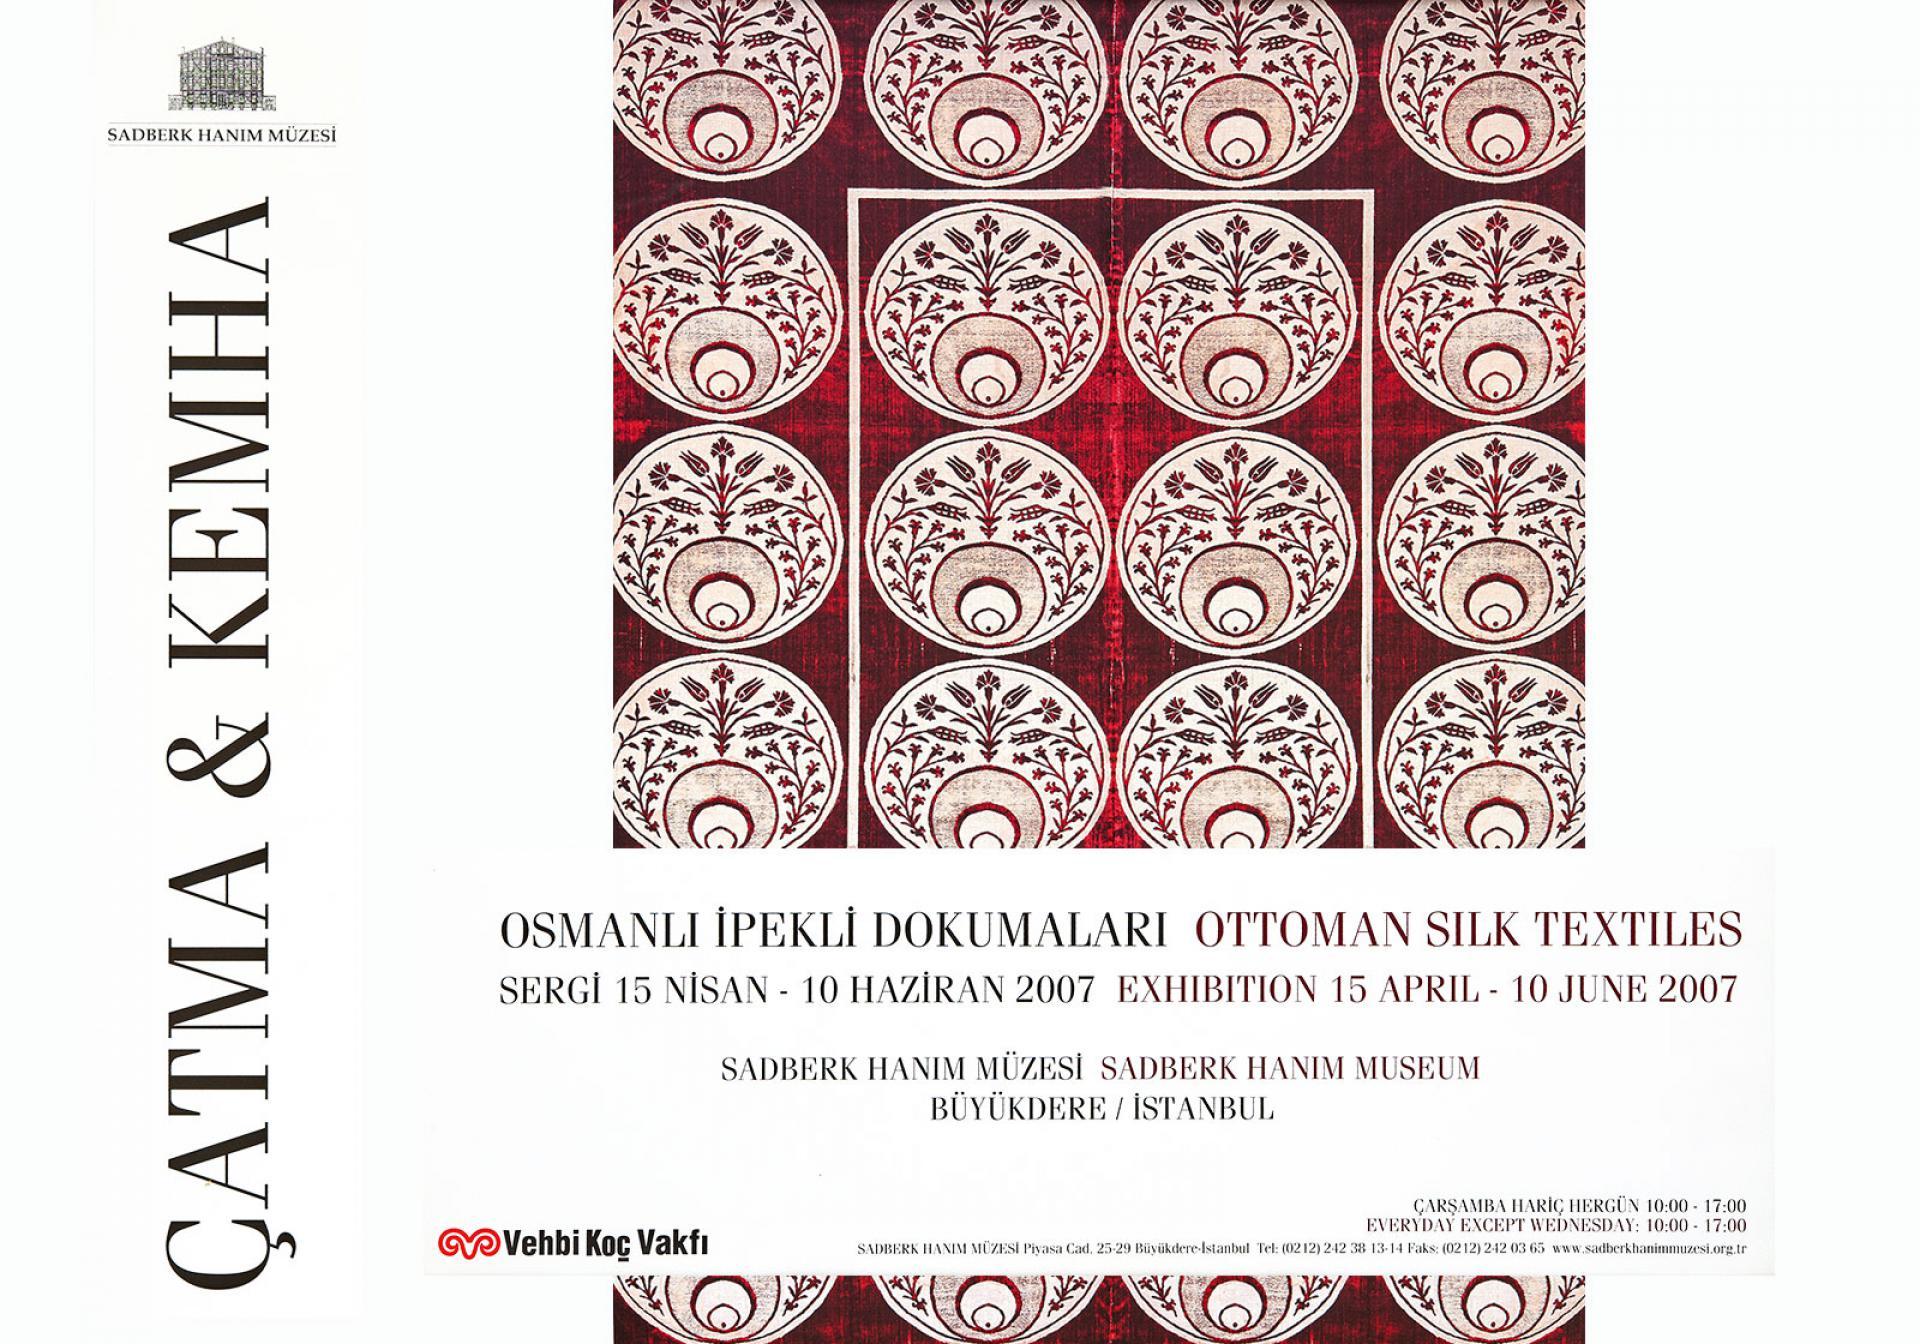 ÇATMA ve KEMHA Osmanlı İpekli Dokumaları - SERGİLER - Sadberk Hanım Müzesi